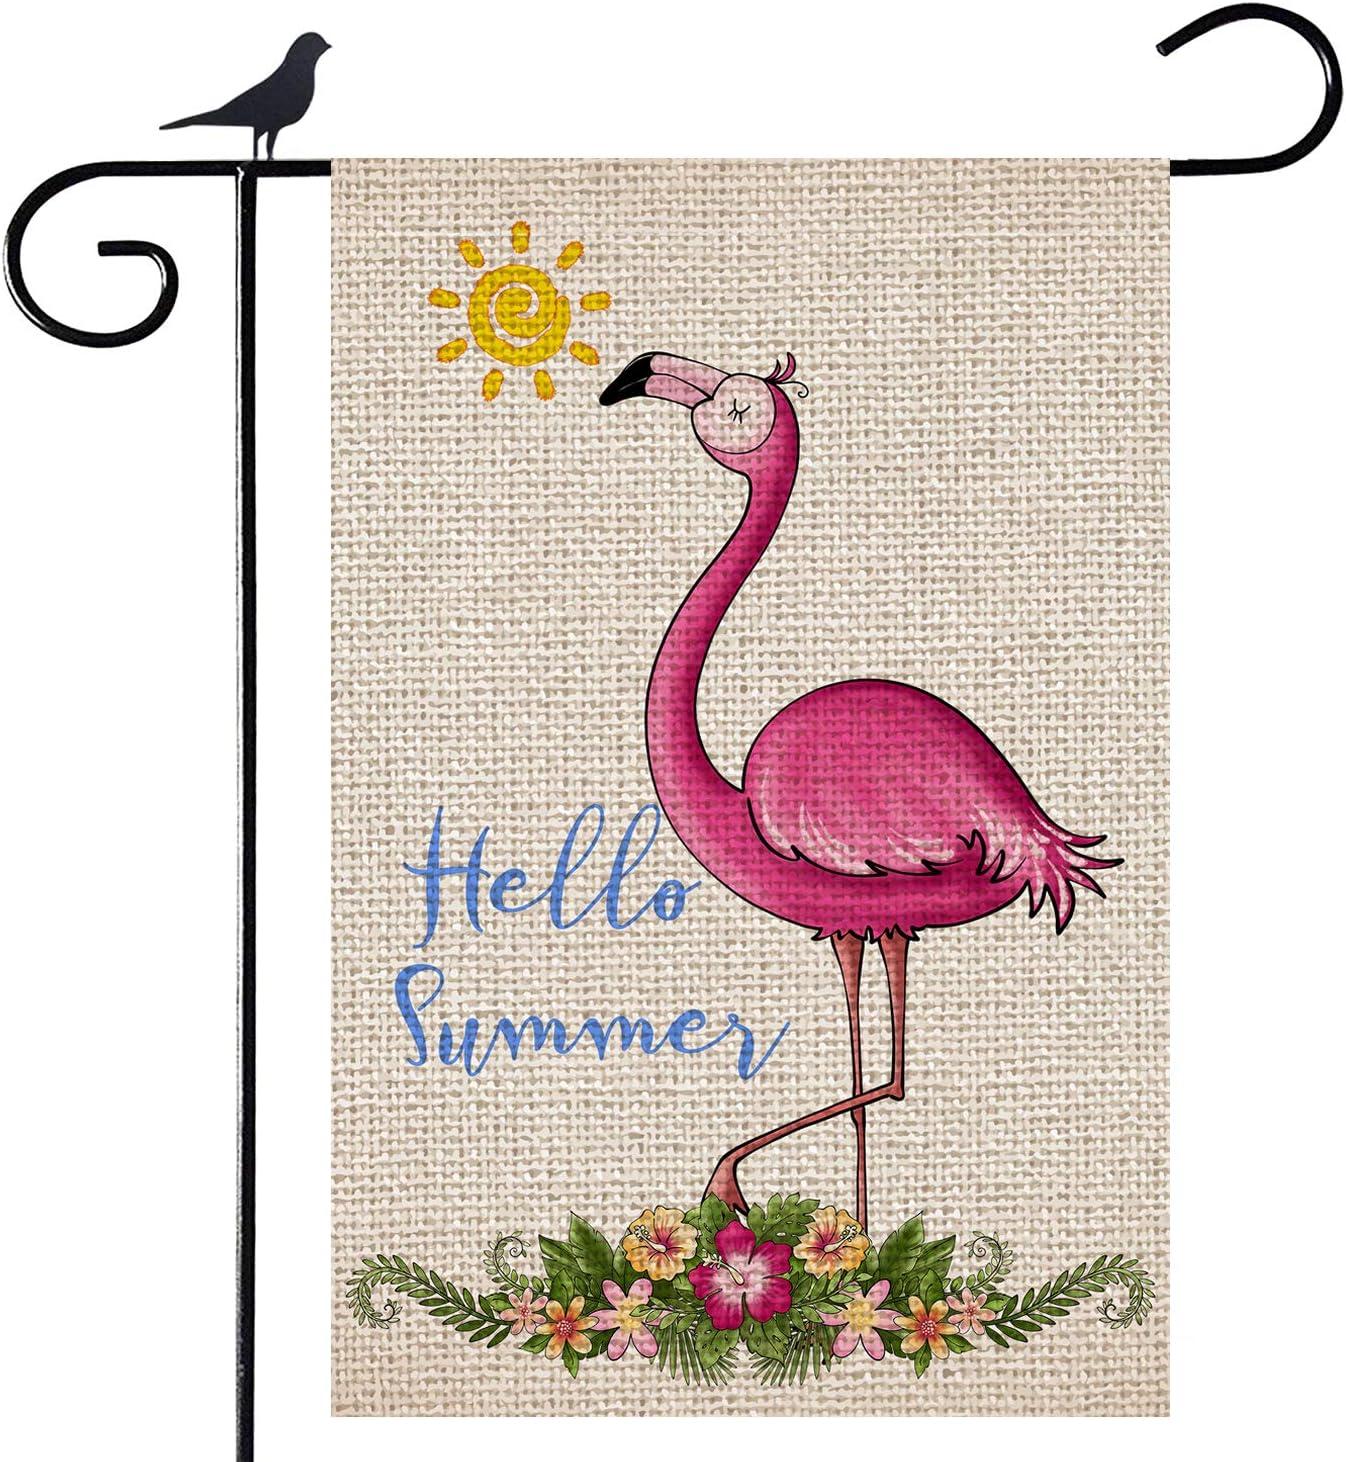 Shmbada Welcome Hello Summer Flamingo Sunshine Burlap Garden Flag, Double Sided Vertical Outdoor Decorative Small Flag for Home Garden Yard Patio Farmhouse, 12 x 18 Inch